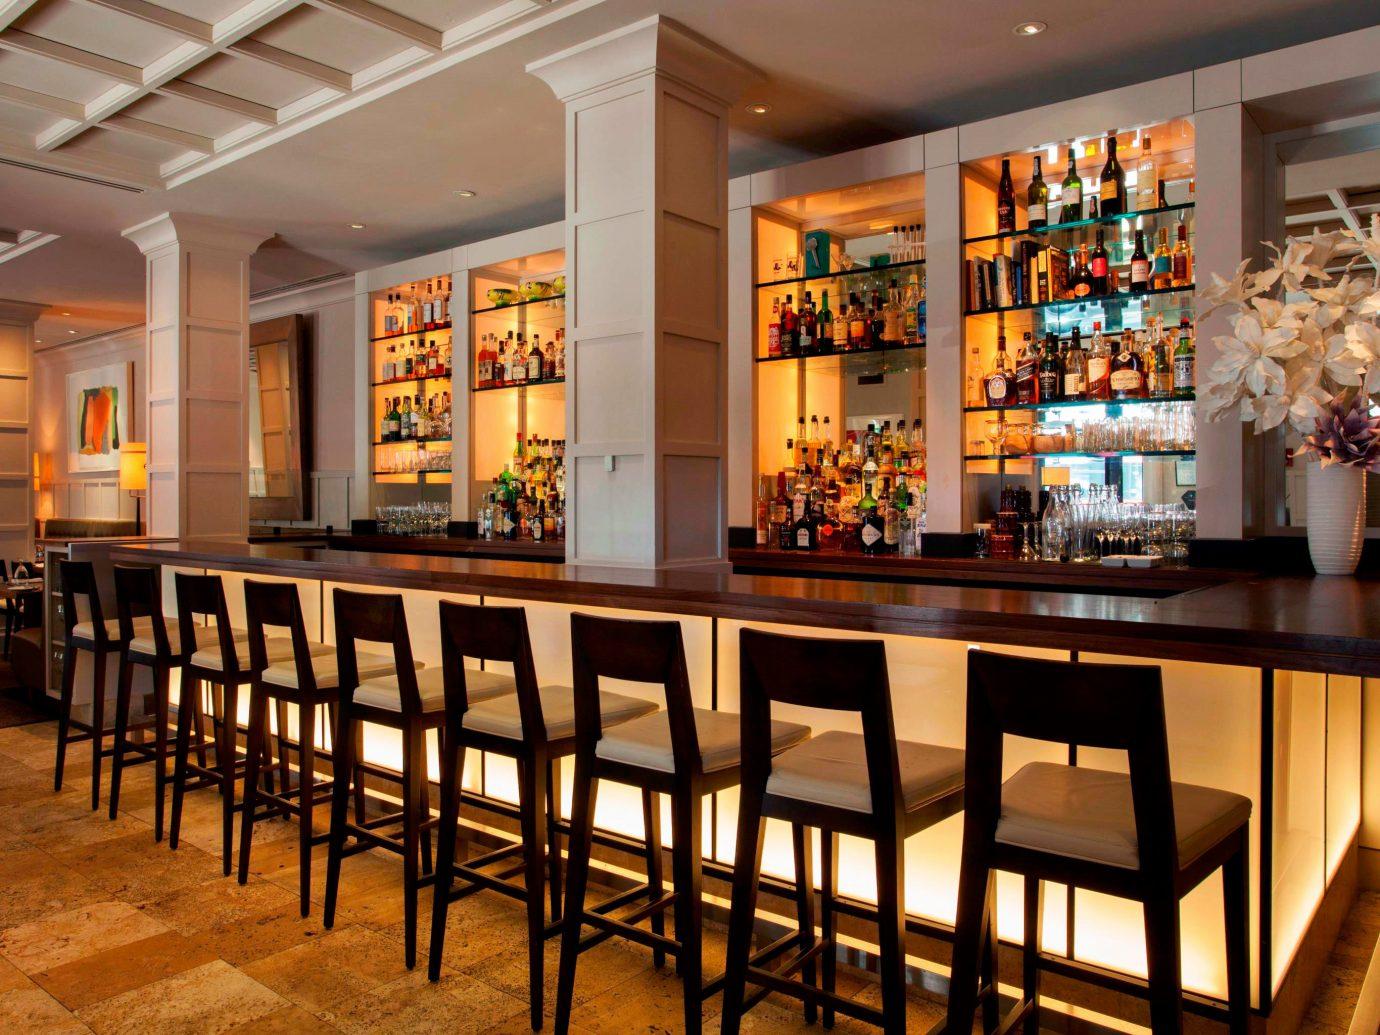 Bar Boutique City Classic Drink Elegant Hotels indoor ceiling scene restaurant interior design café estate meal dining room room several